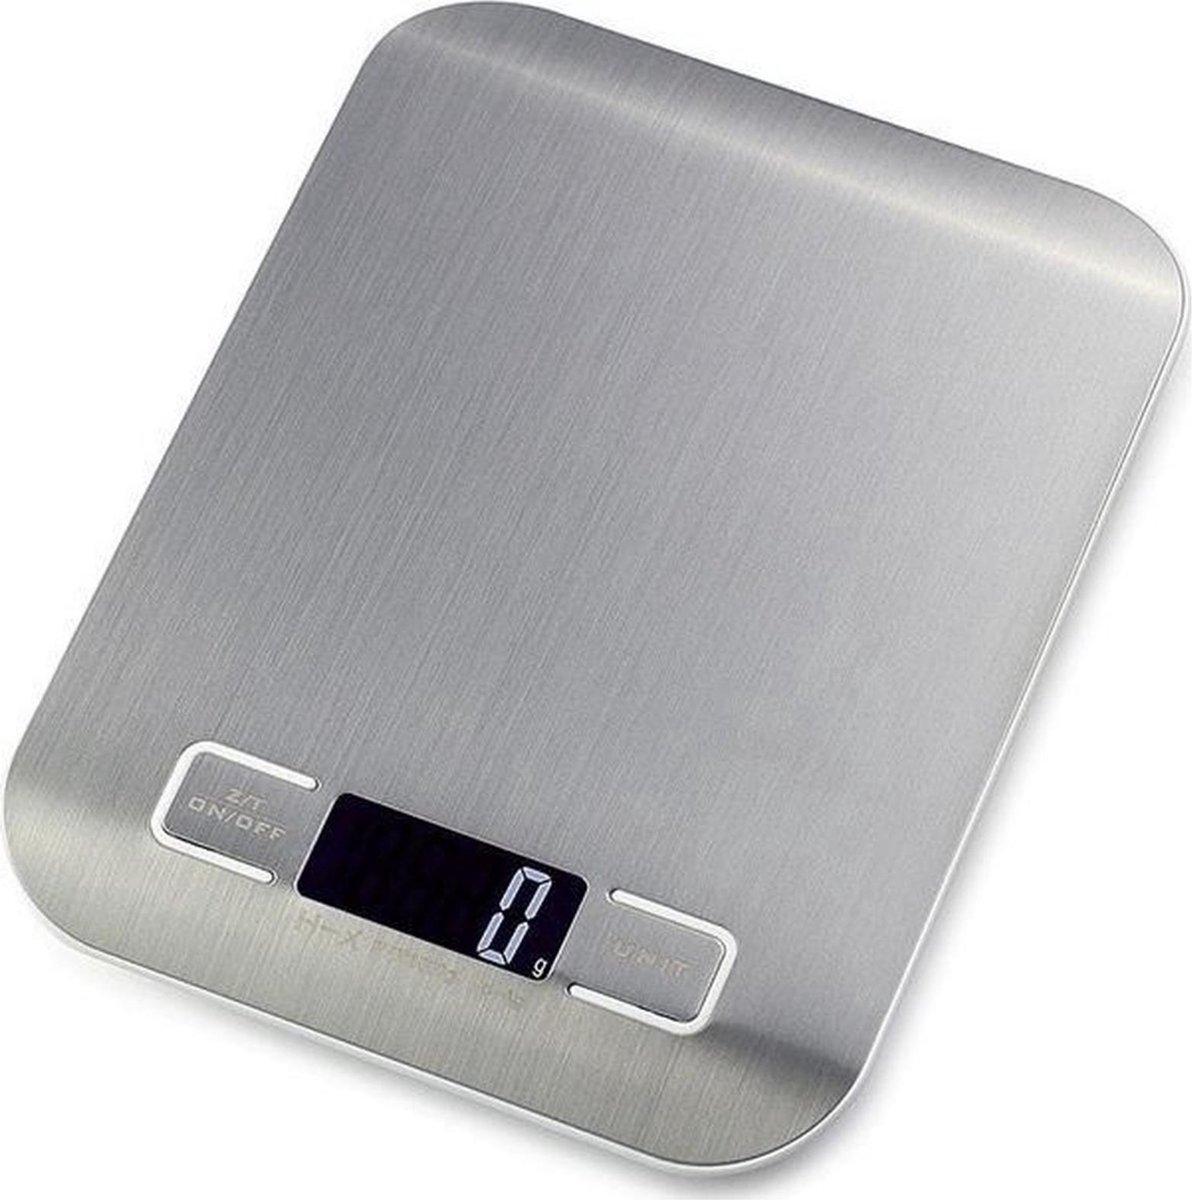 Digitale Weegschaal Keuken - incl. Batterijen - Precisie Keukenweegschaal - tot 5000 gram - Zilver -